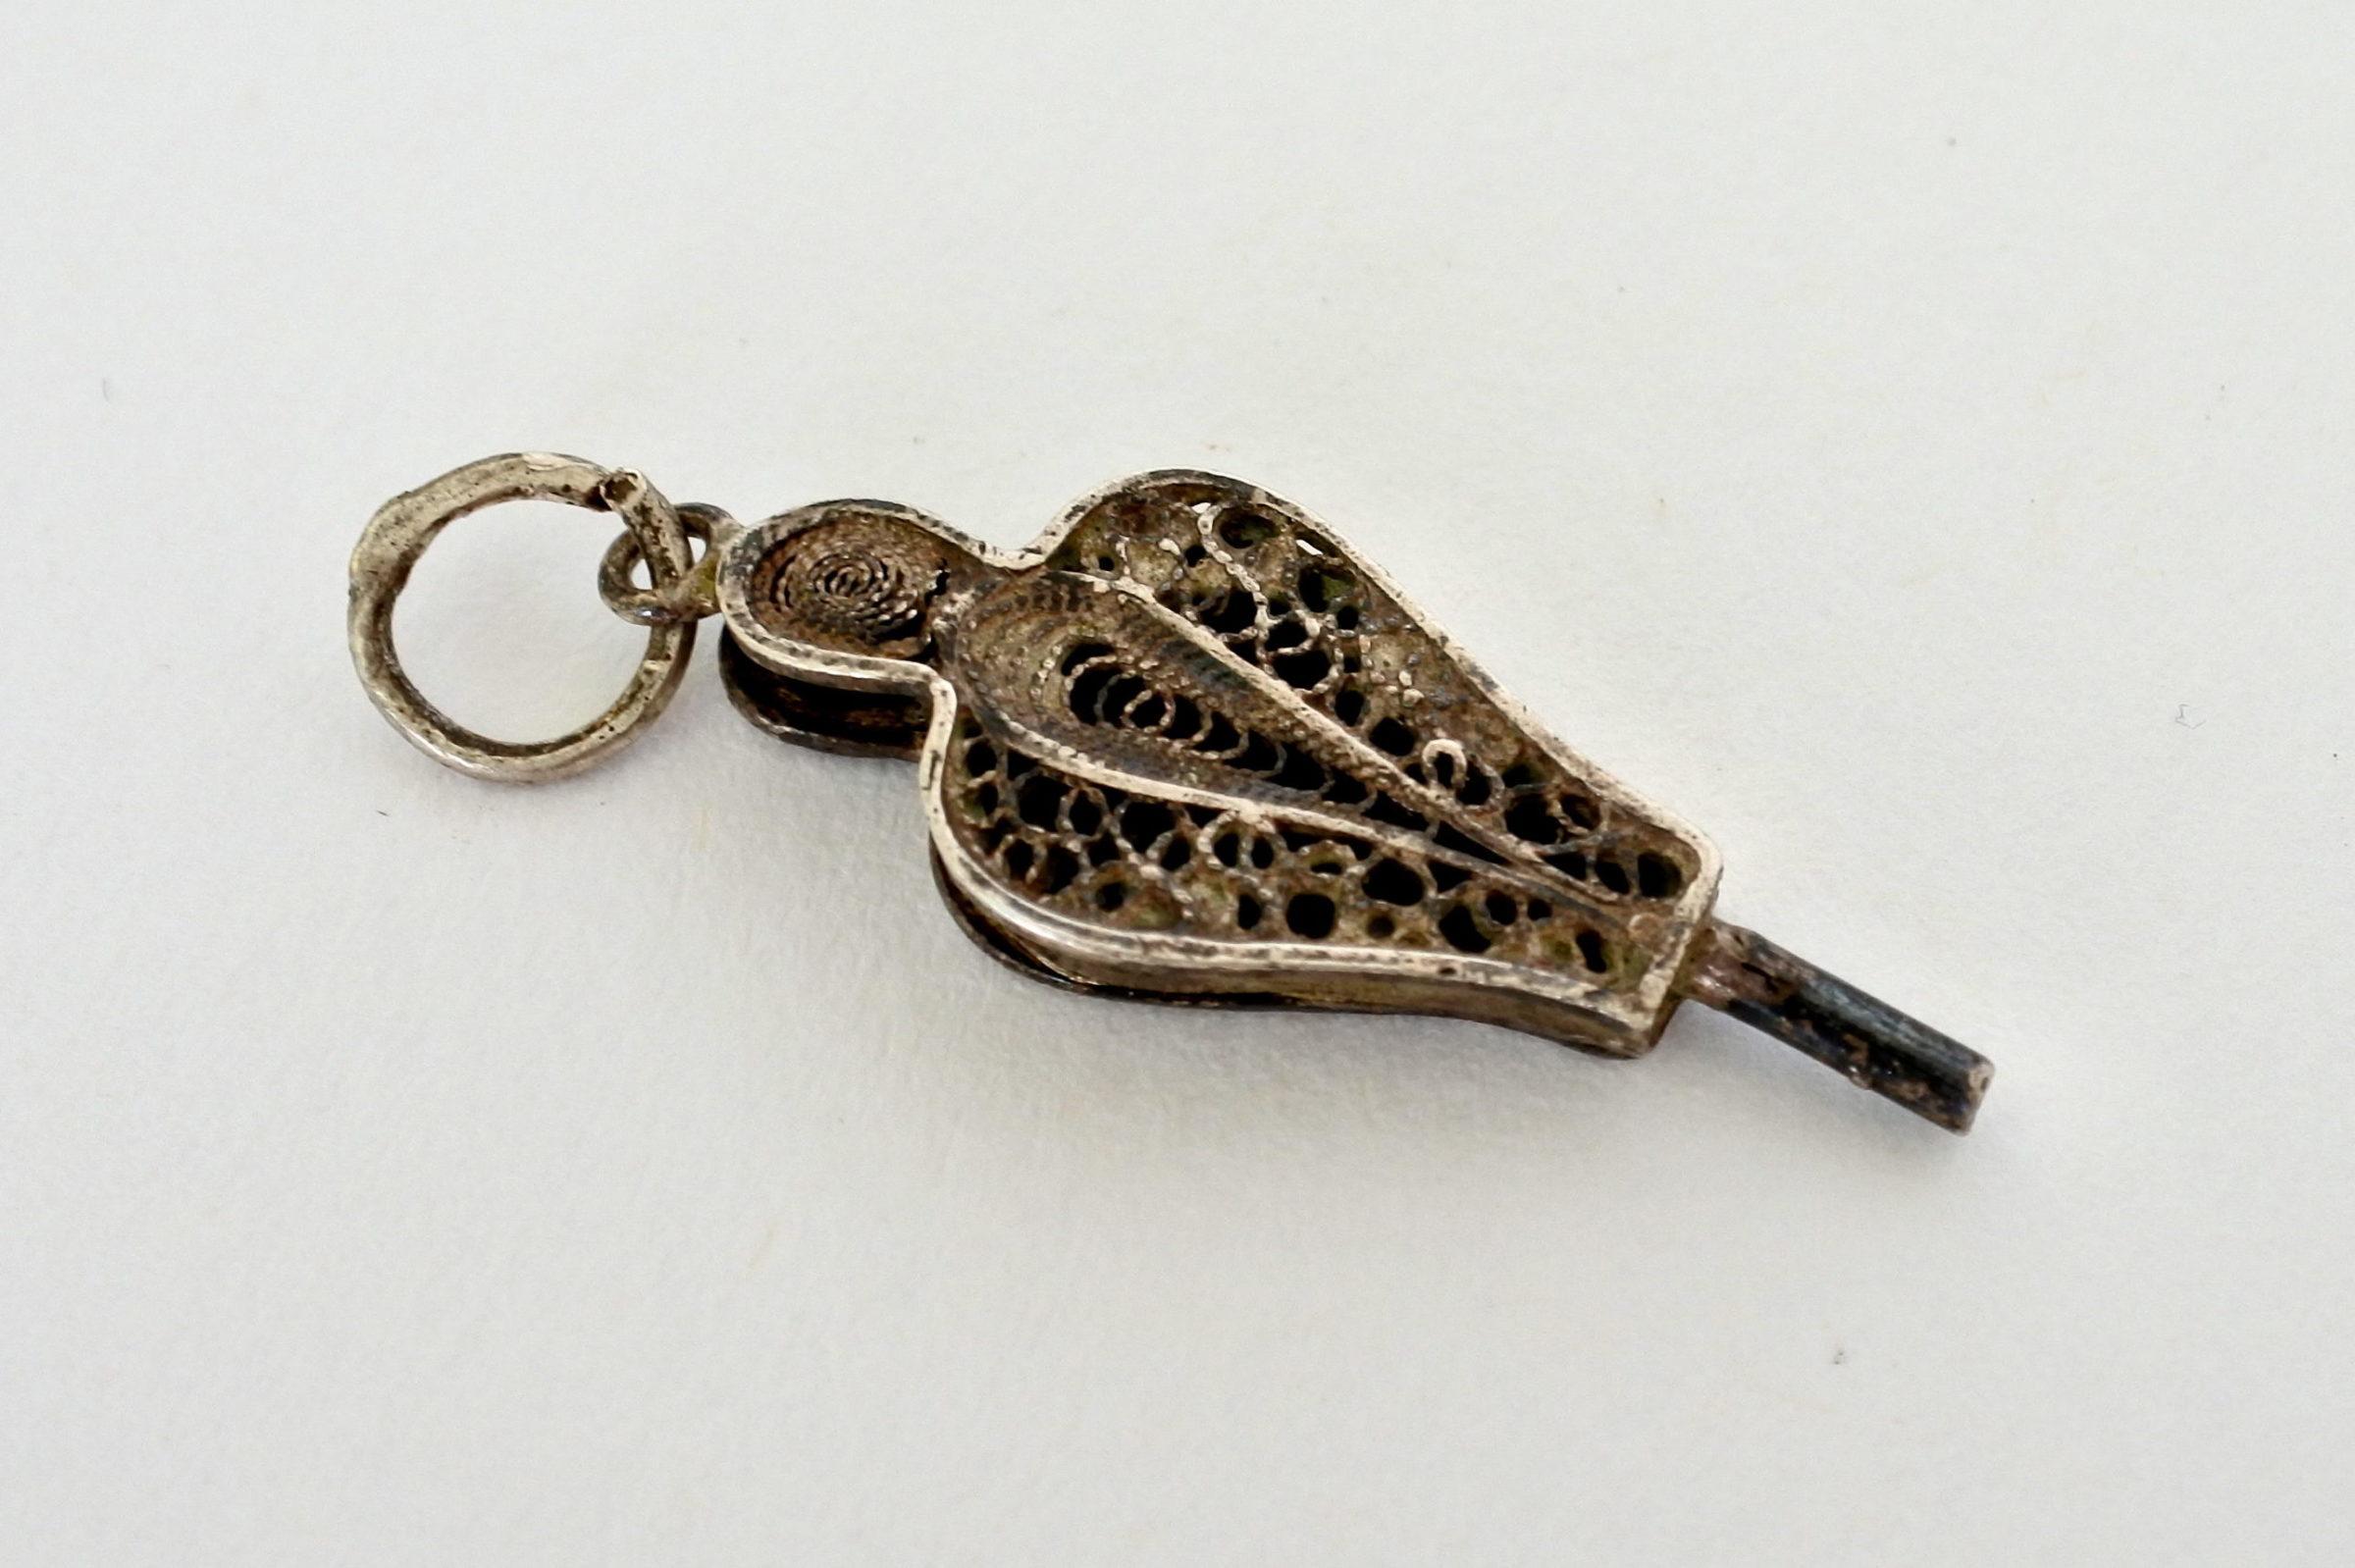 Chiavetta in filigrana d'argento per orologio da tasca - 2